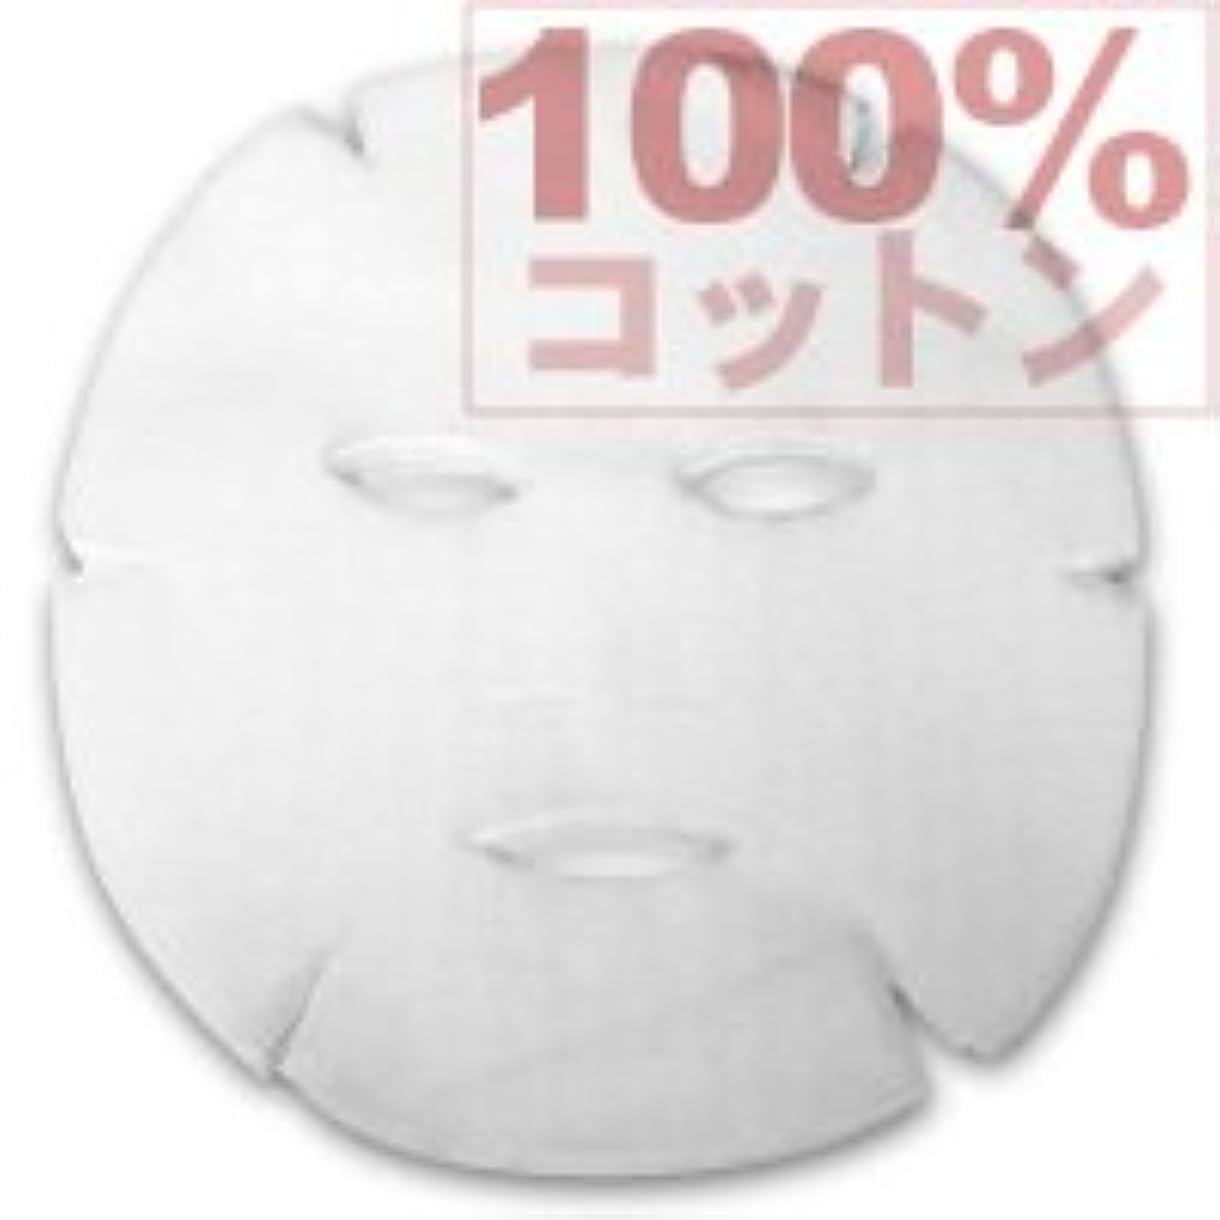 バルーンコーナーひばりフェイスマスクシート 【50枚入り】 純綿100%のコットンマスク!